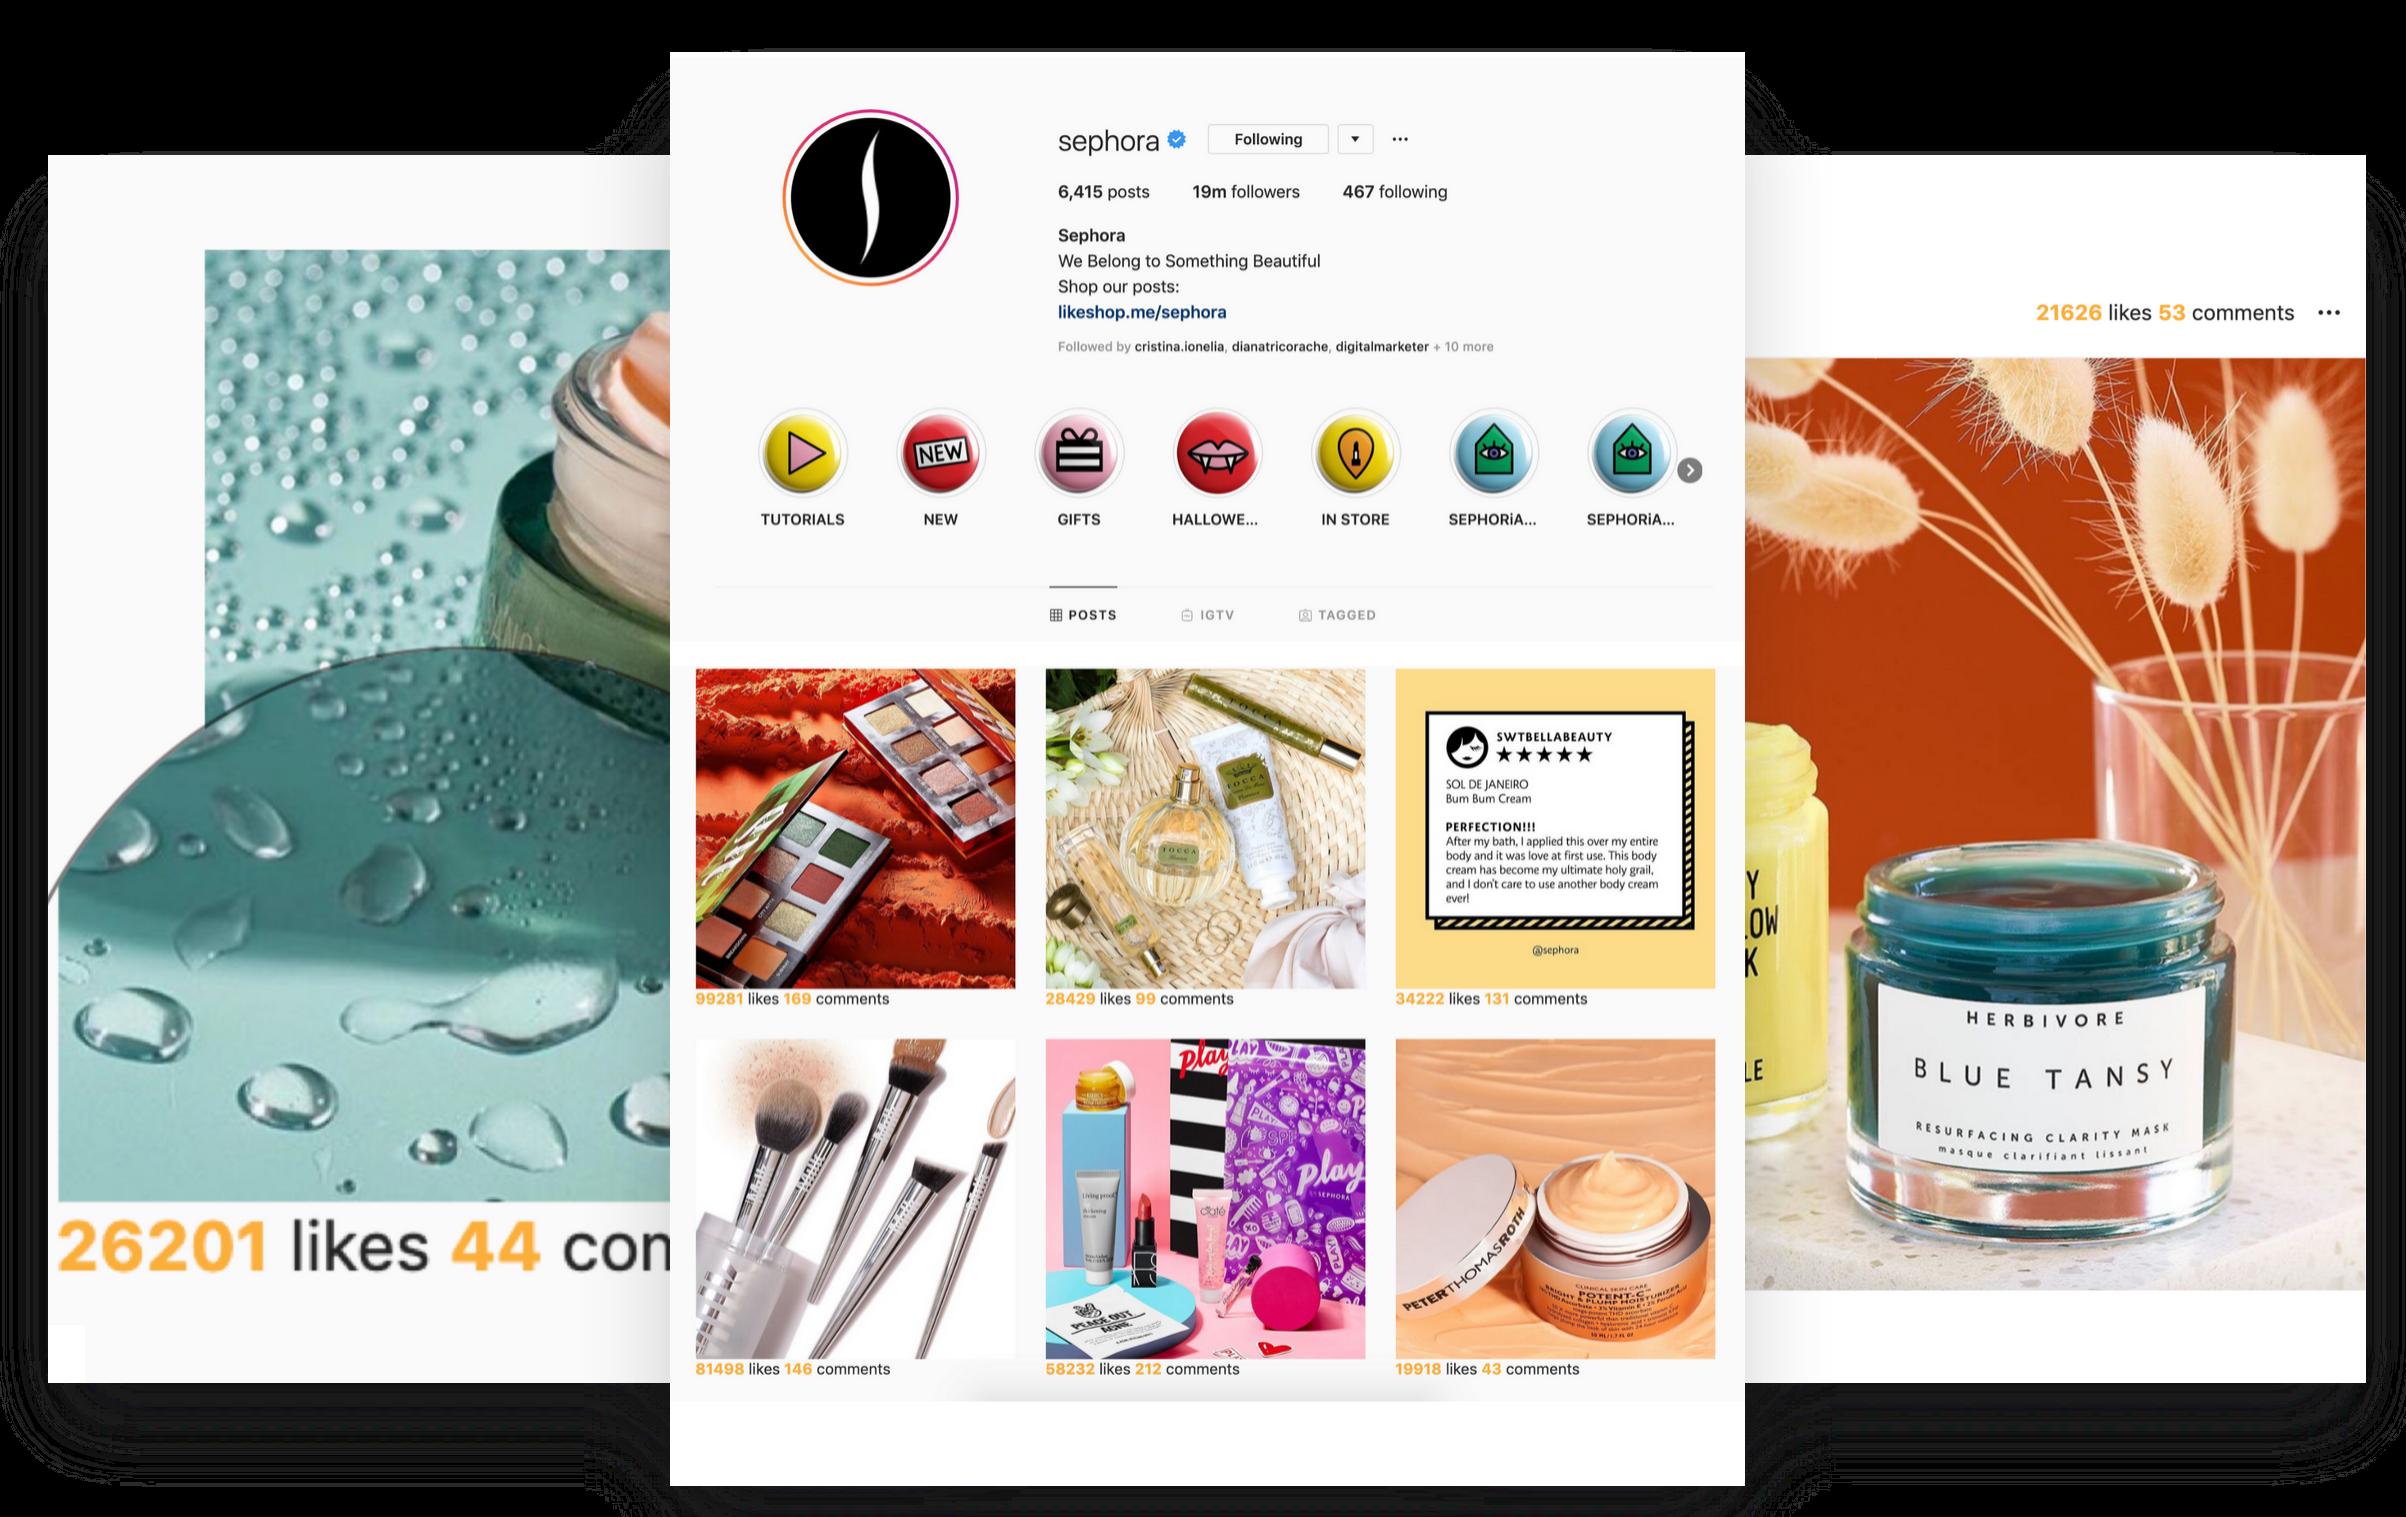 Esta extensión del navegador muestra los me gusta de Instagram 1